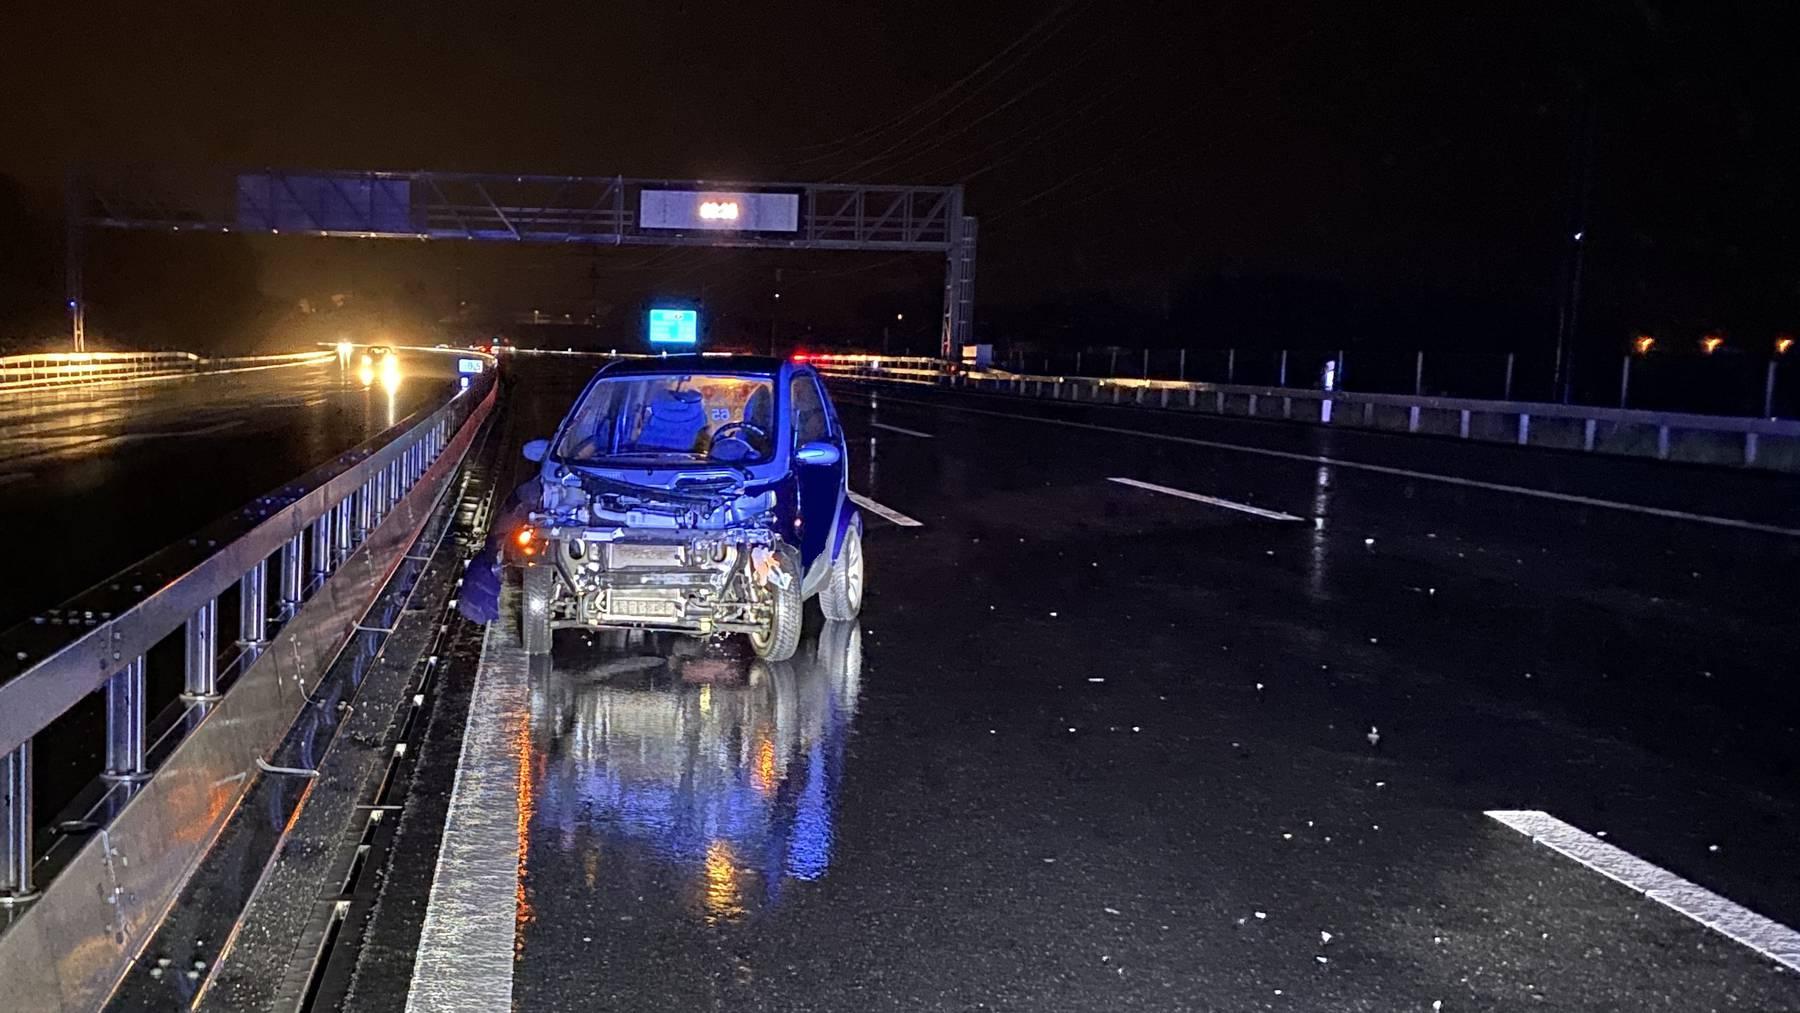 Der Fahrzeuglenker verlor die Kontrolle über sein Auto und prallte in die Mittelleitplanke.